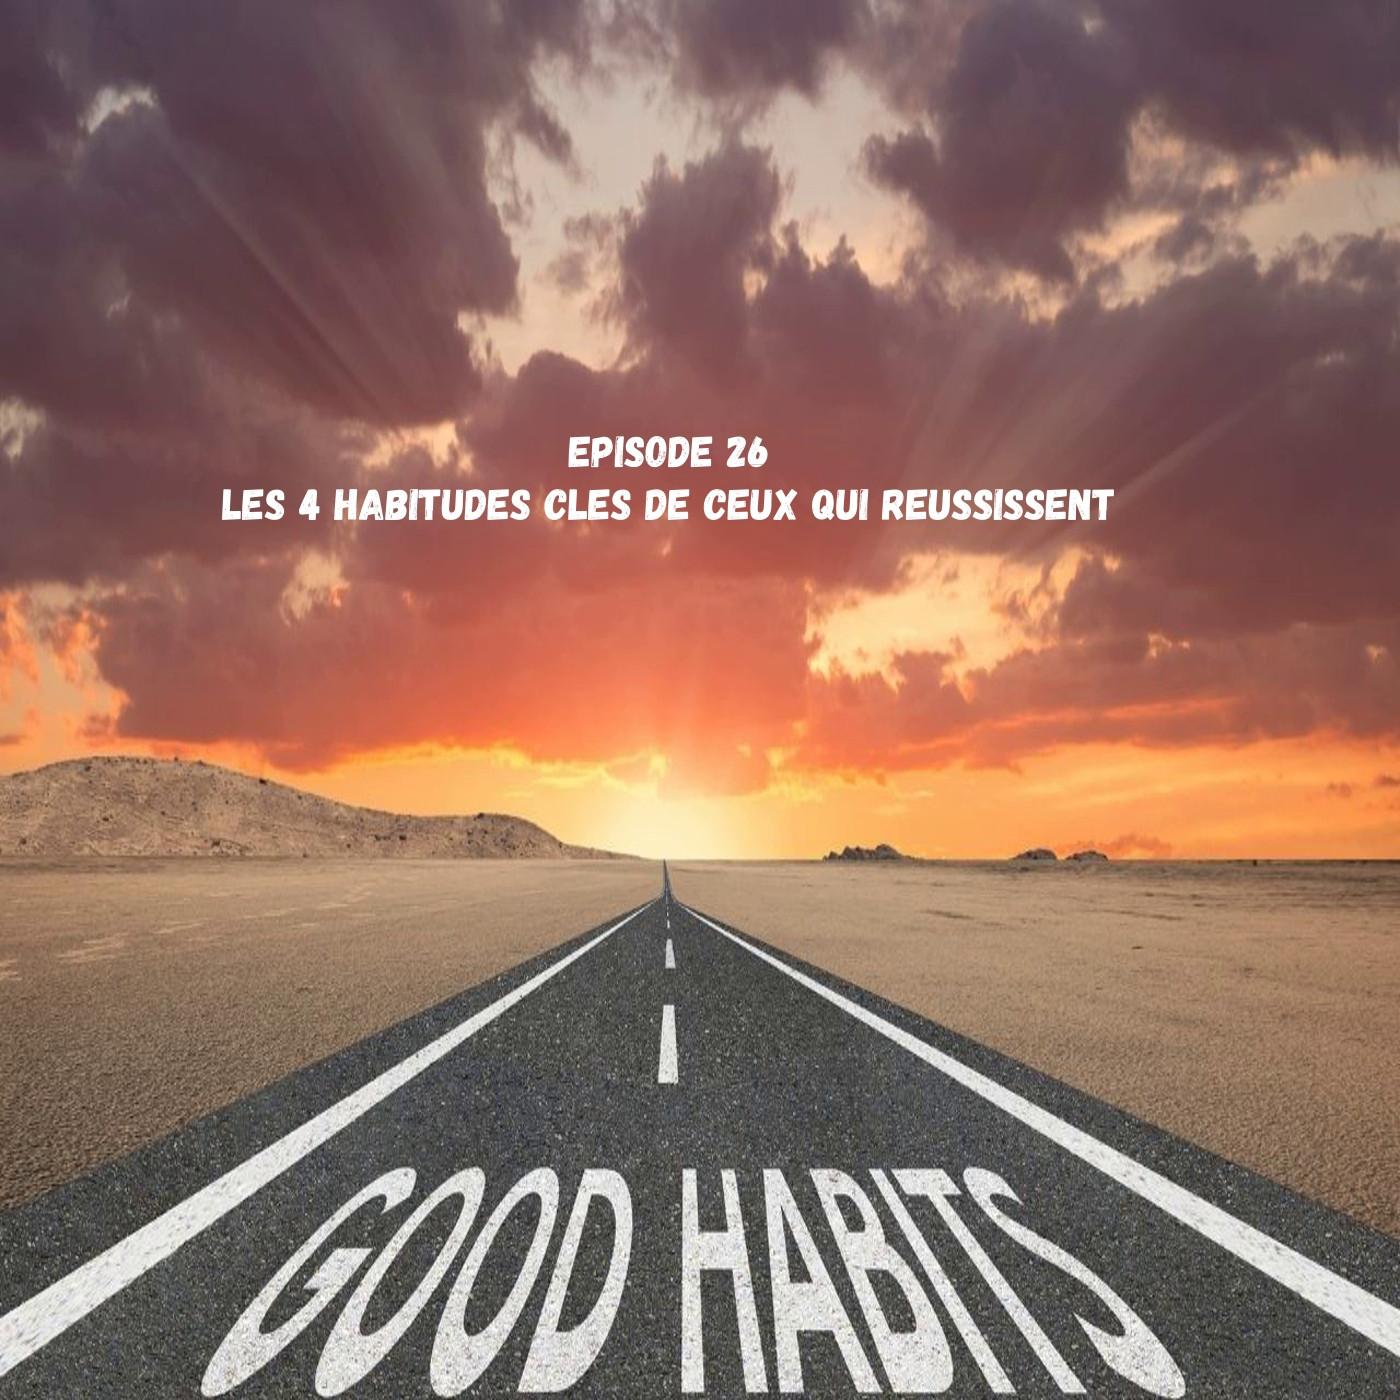 Episode 26 Les 4 habitudes clés des personnes qui réussissent tout ce qu'elles entreprennent.